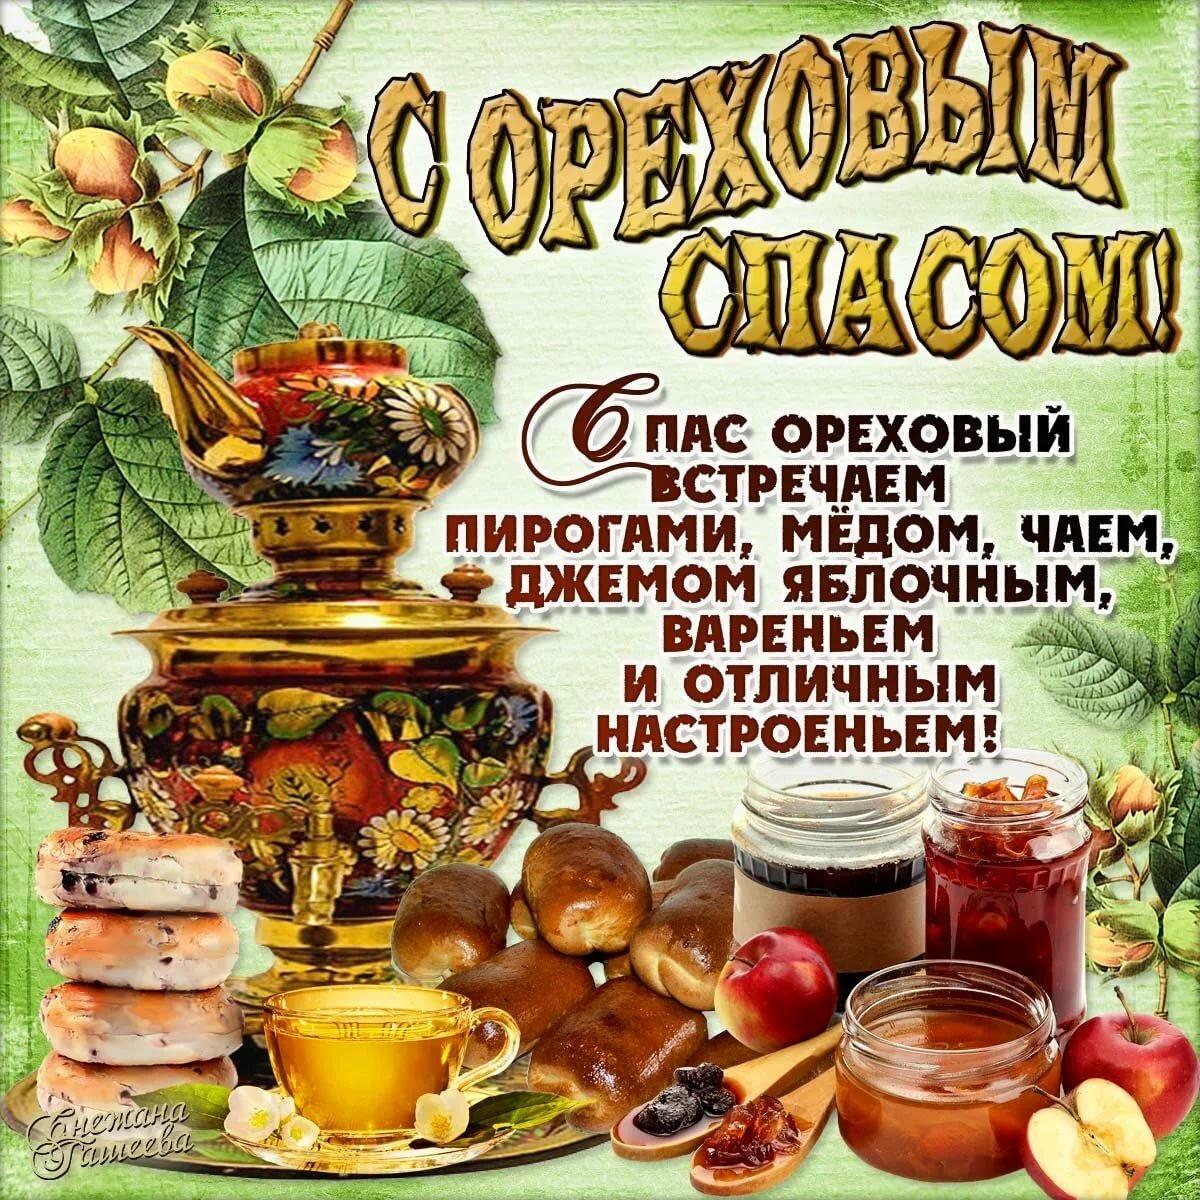 Поздравления с днем ореховый спас